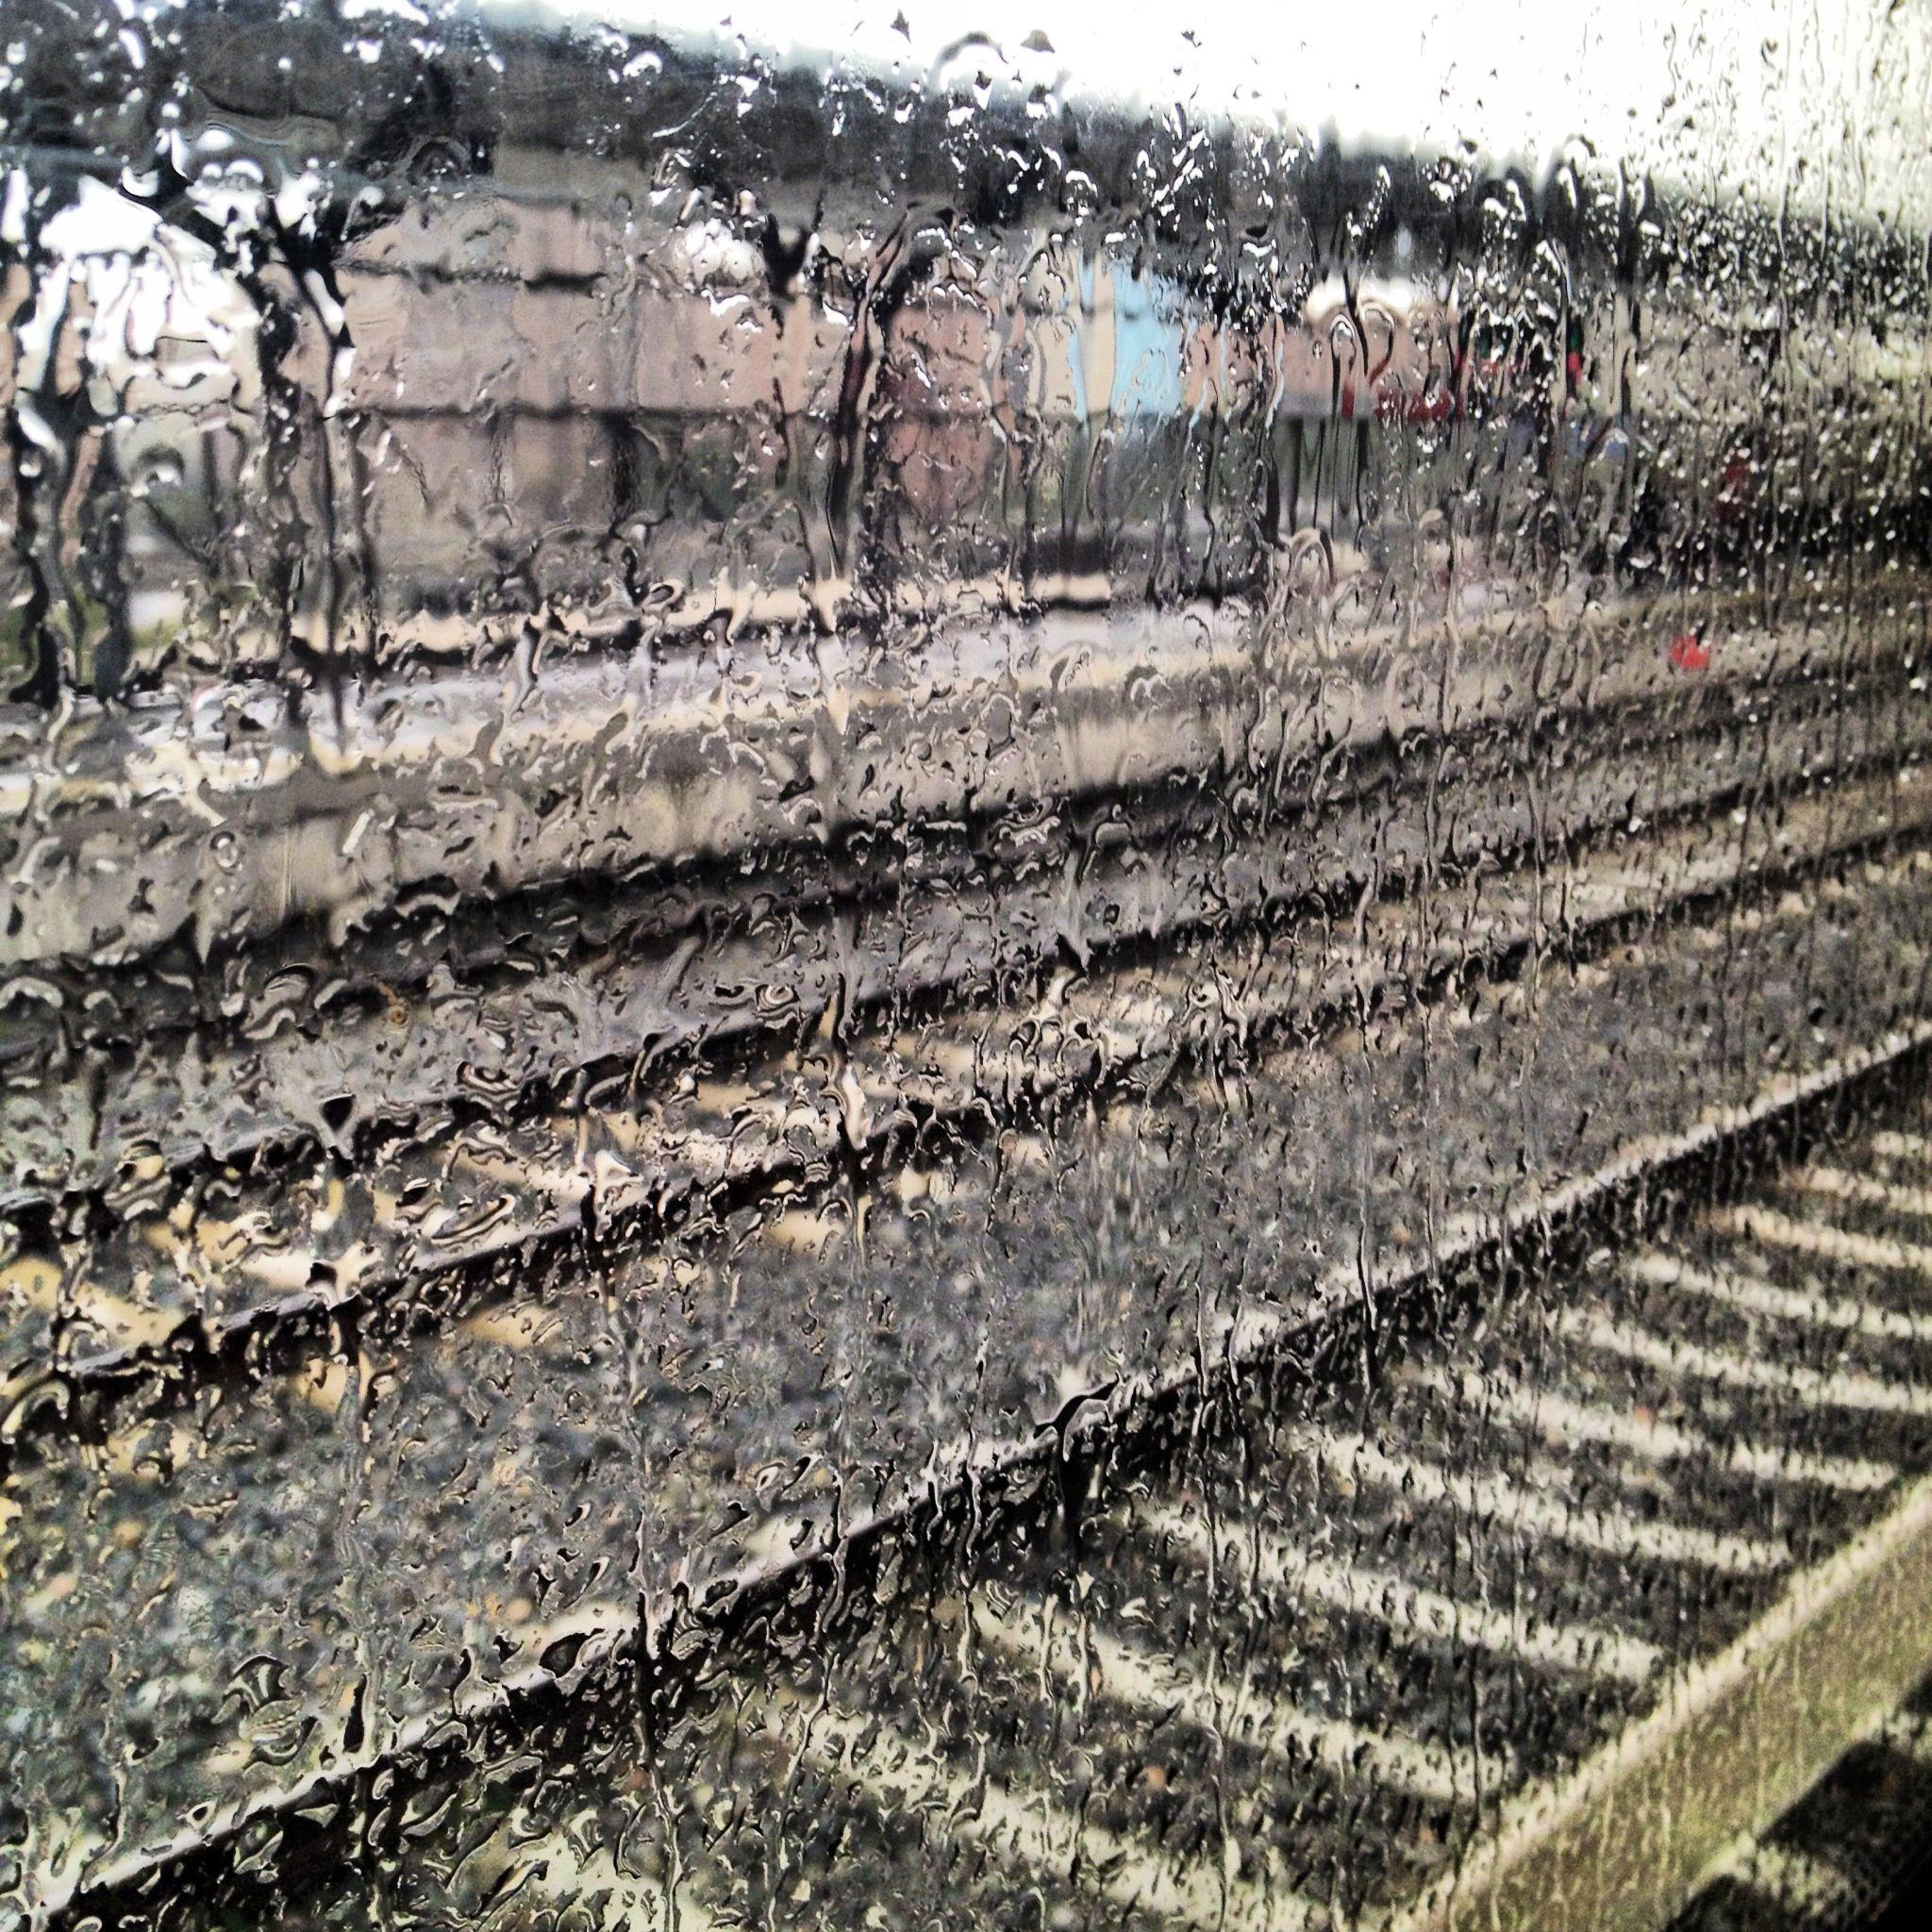 tRain  #rain #train# water #lluvia #agua #winter #invierno #madrid